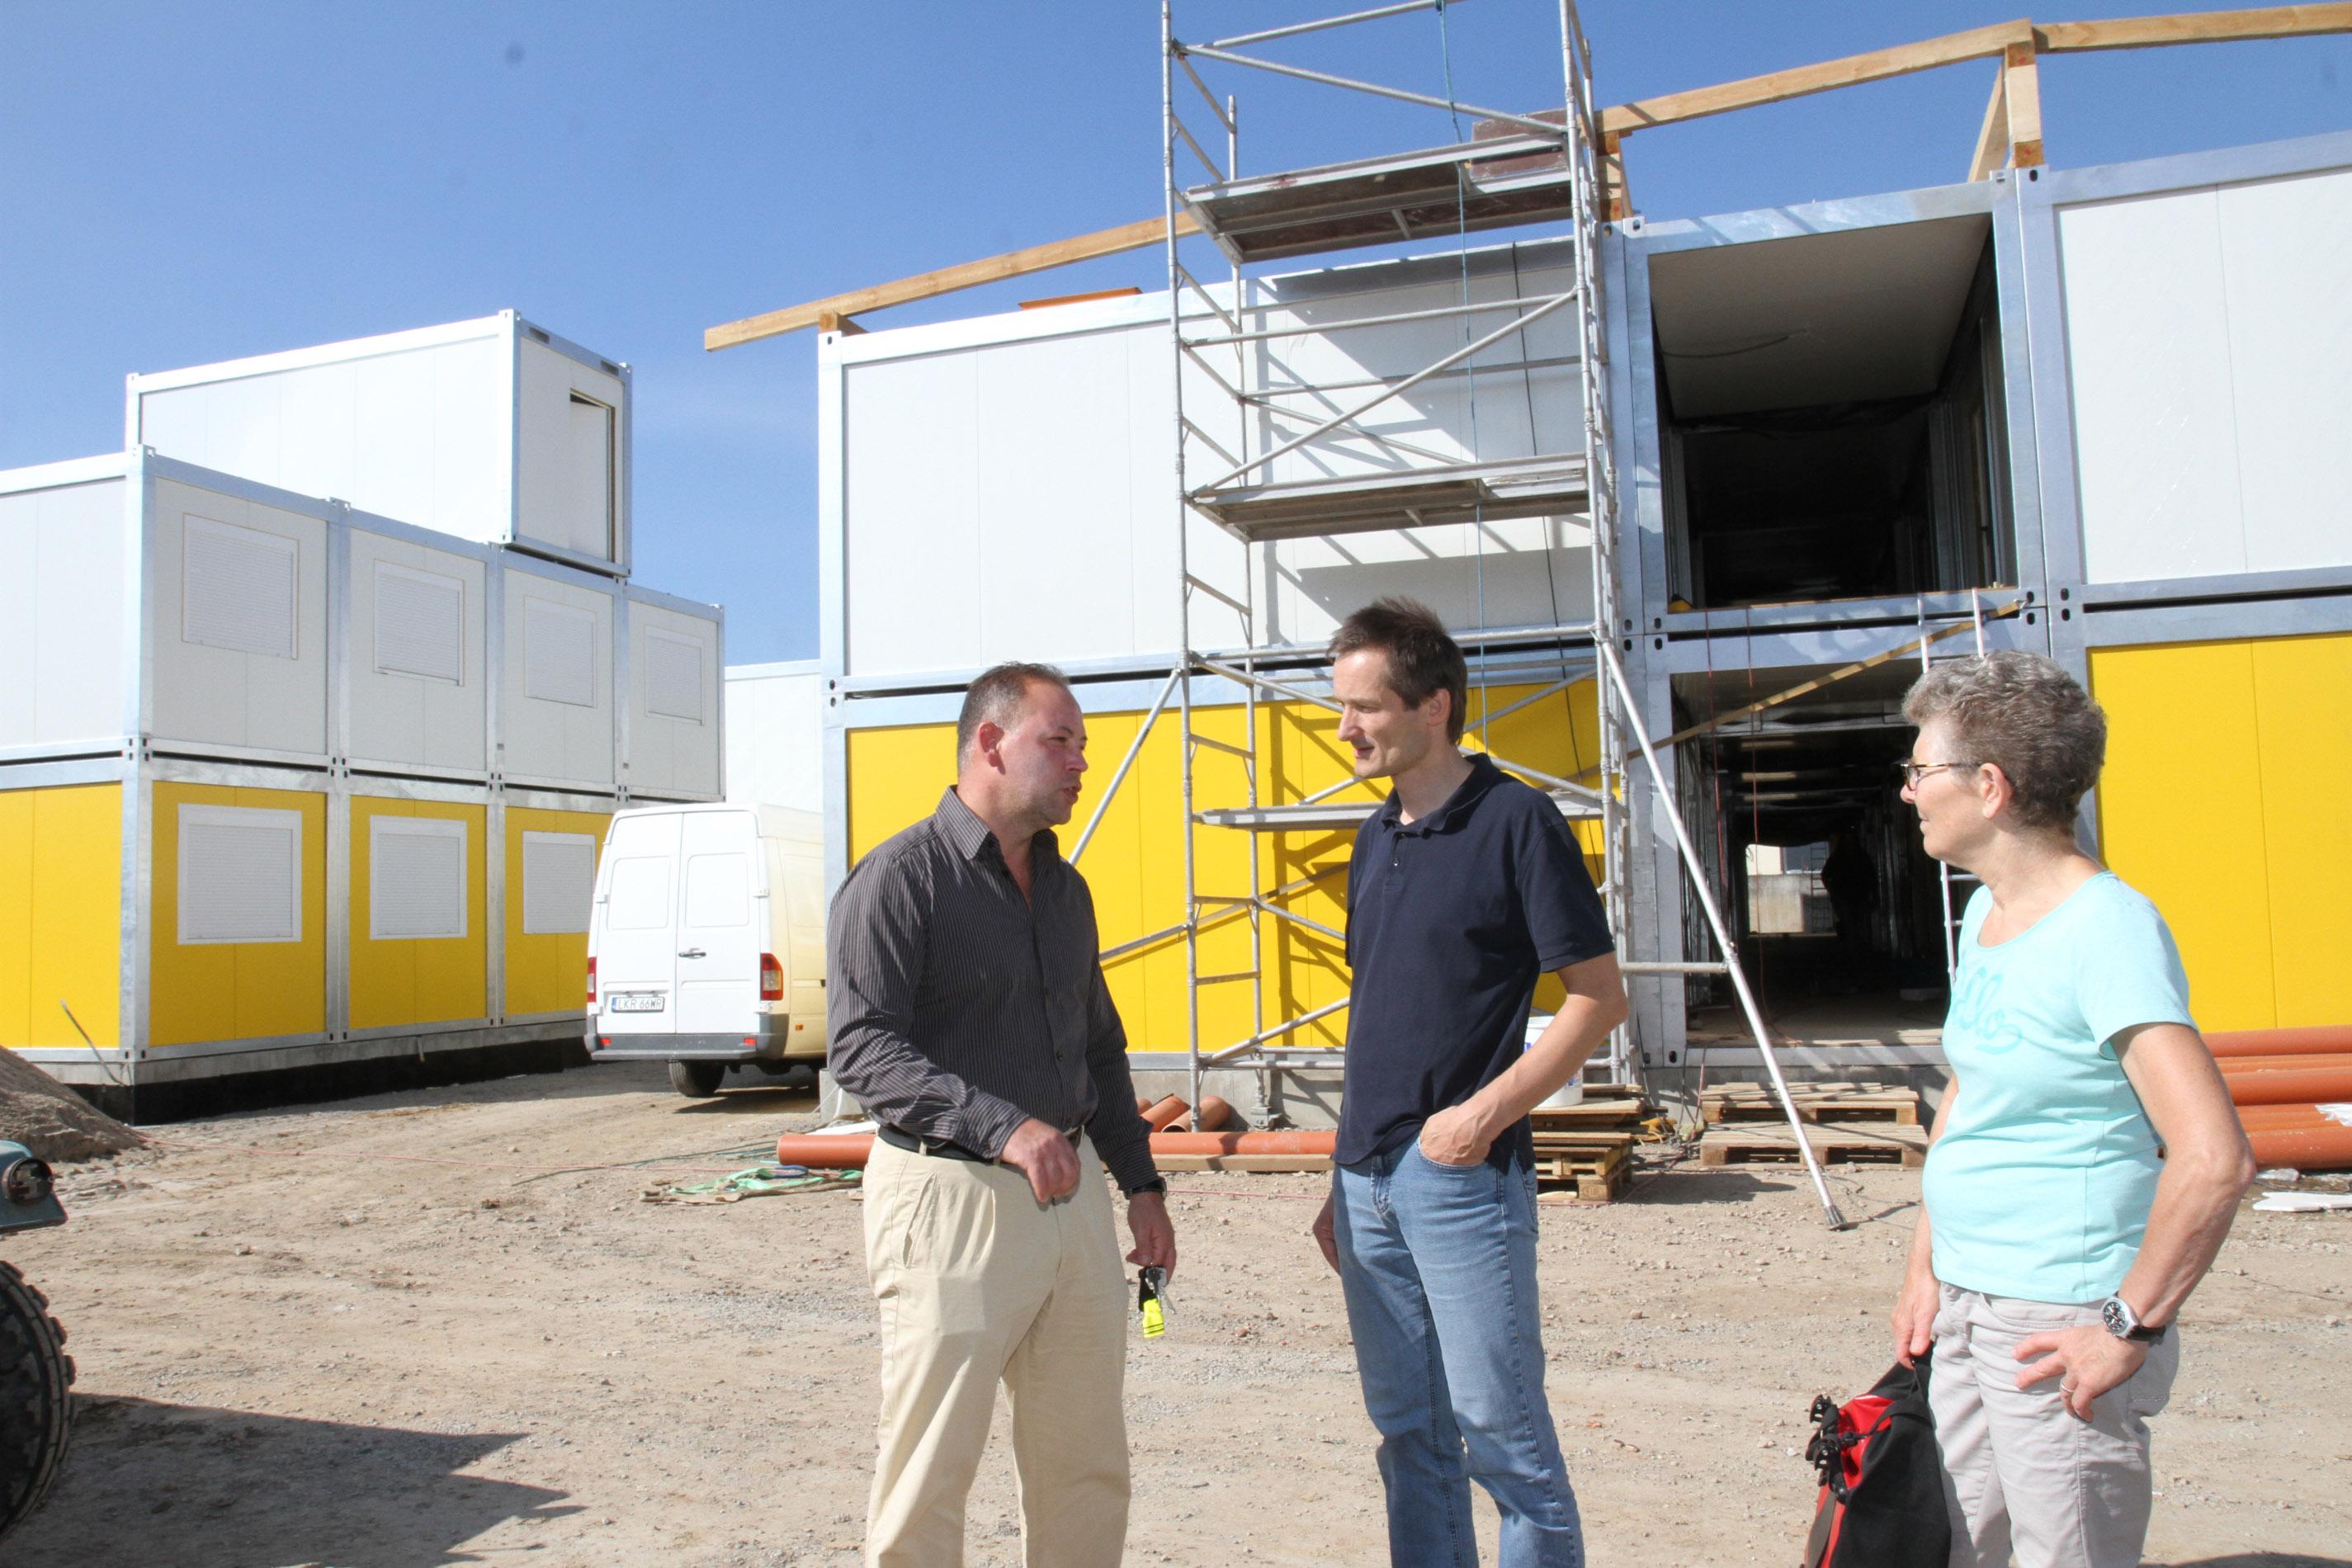 Diskussion um Containerunterkunft in Meckesheim.